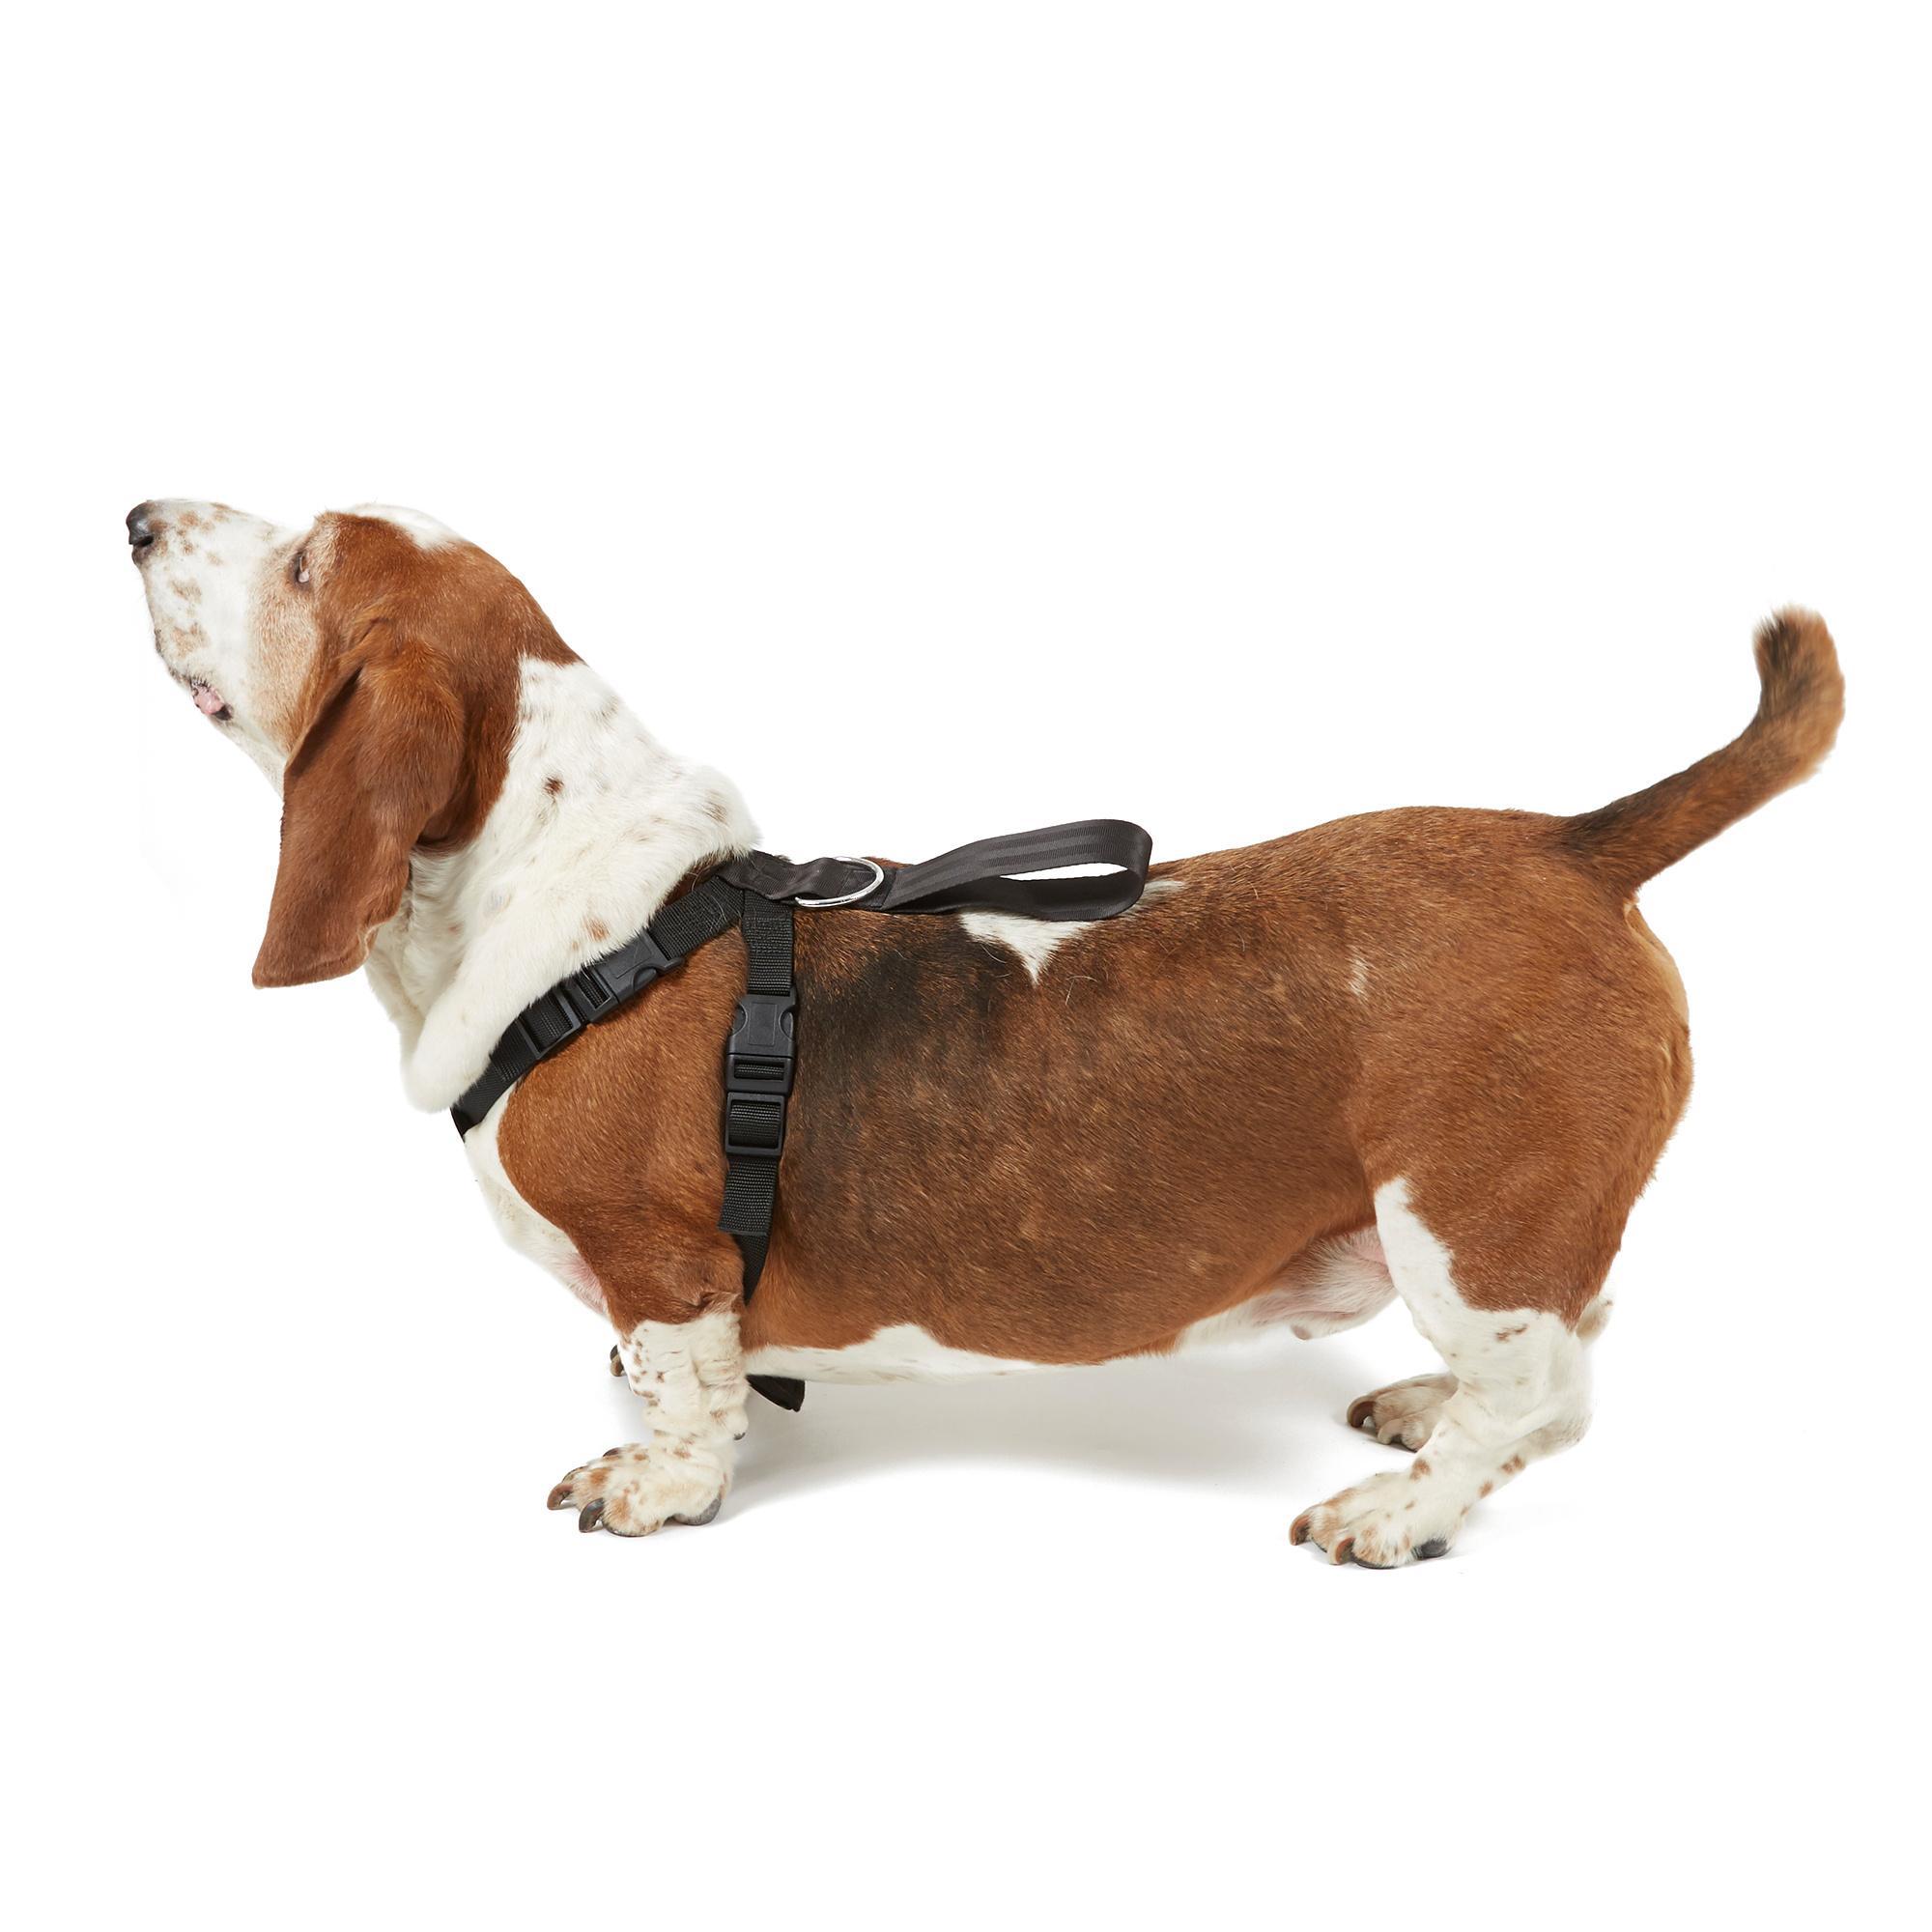 Image of Boyz Toys Dog Harness - Large, Black